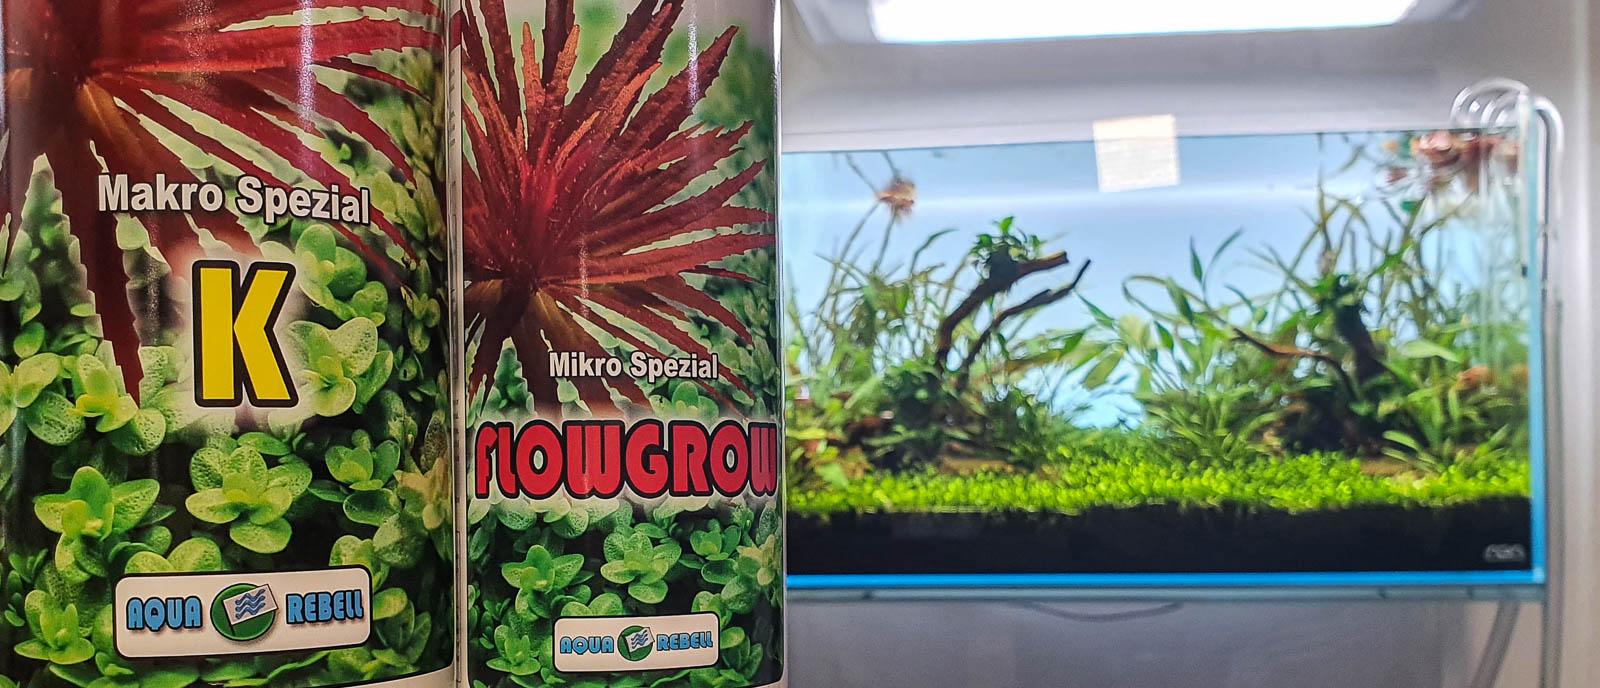 Limitierte Düngung mit Aqua Rebell Kalium Spezial und Flowgrow